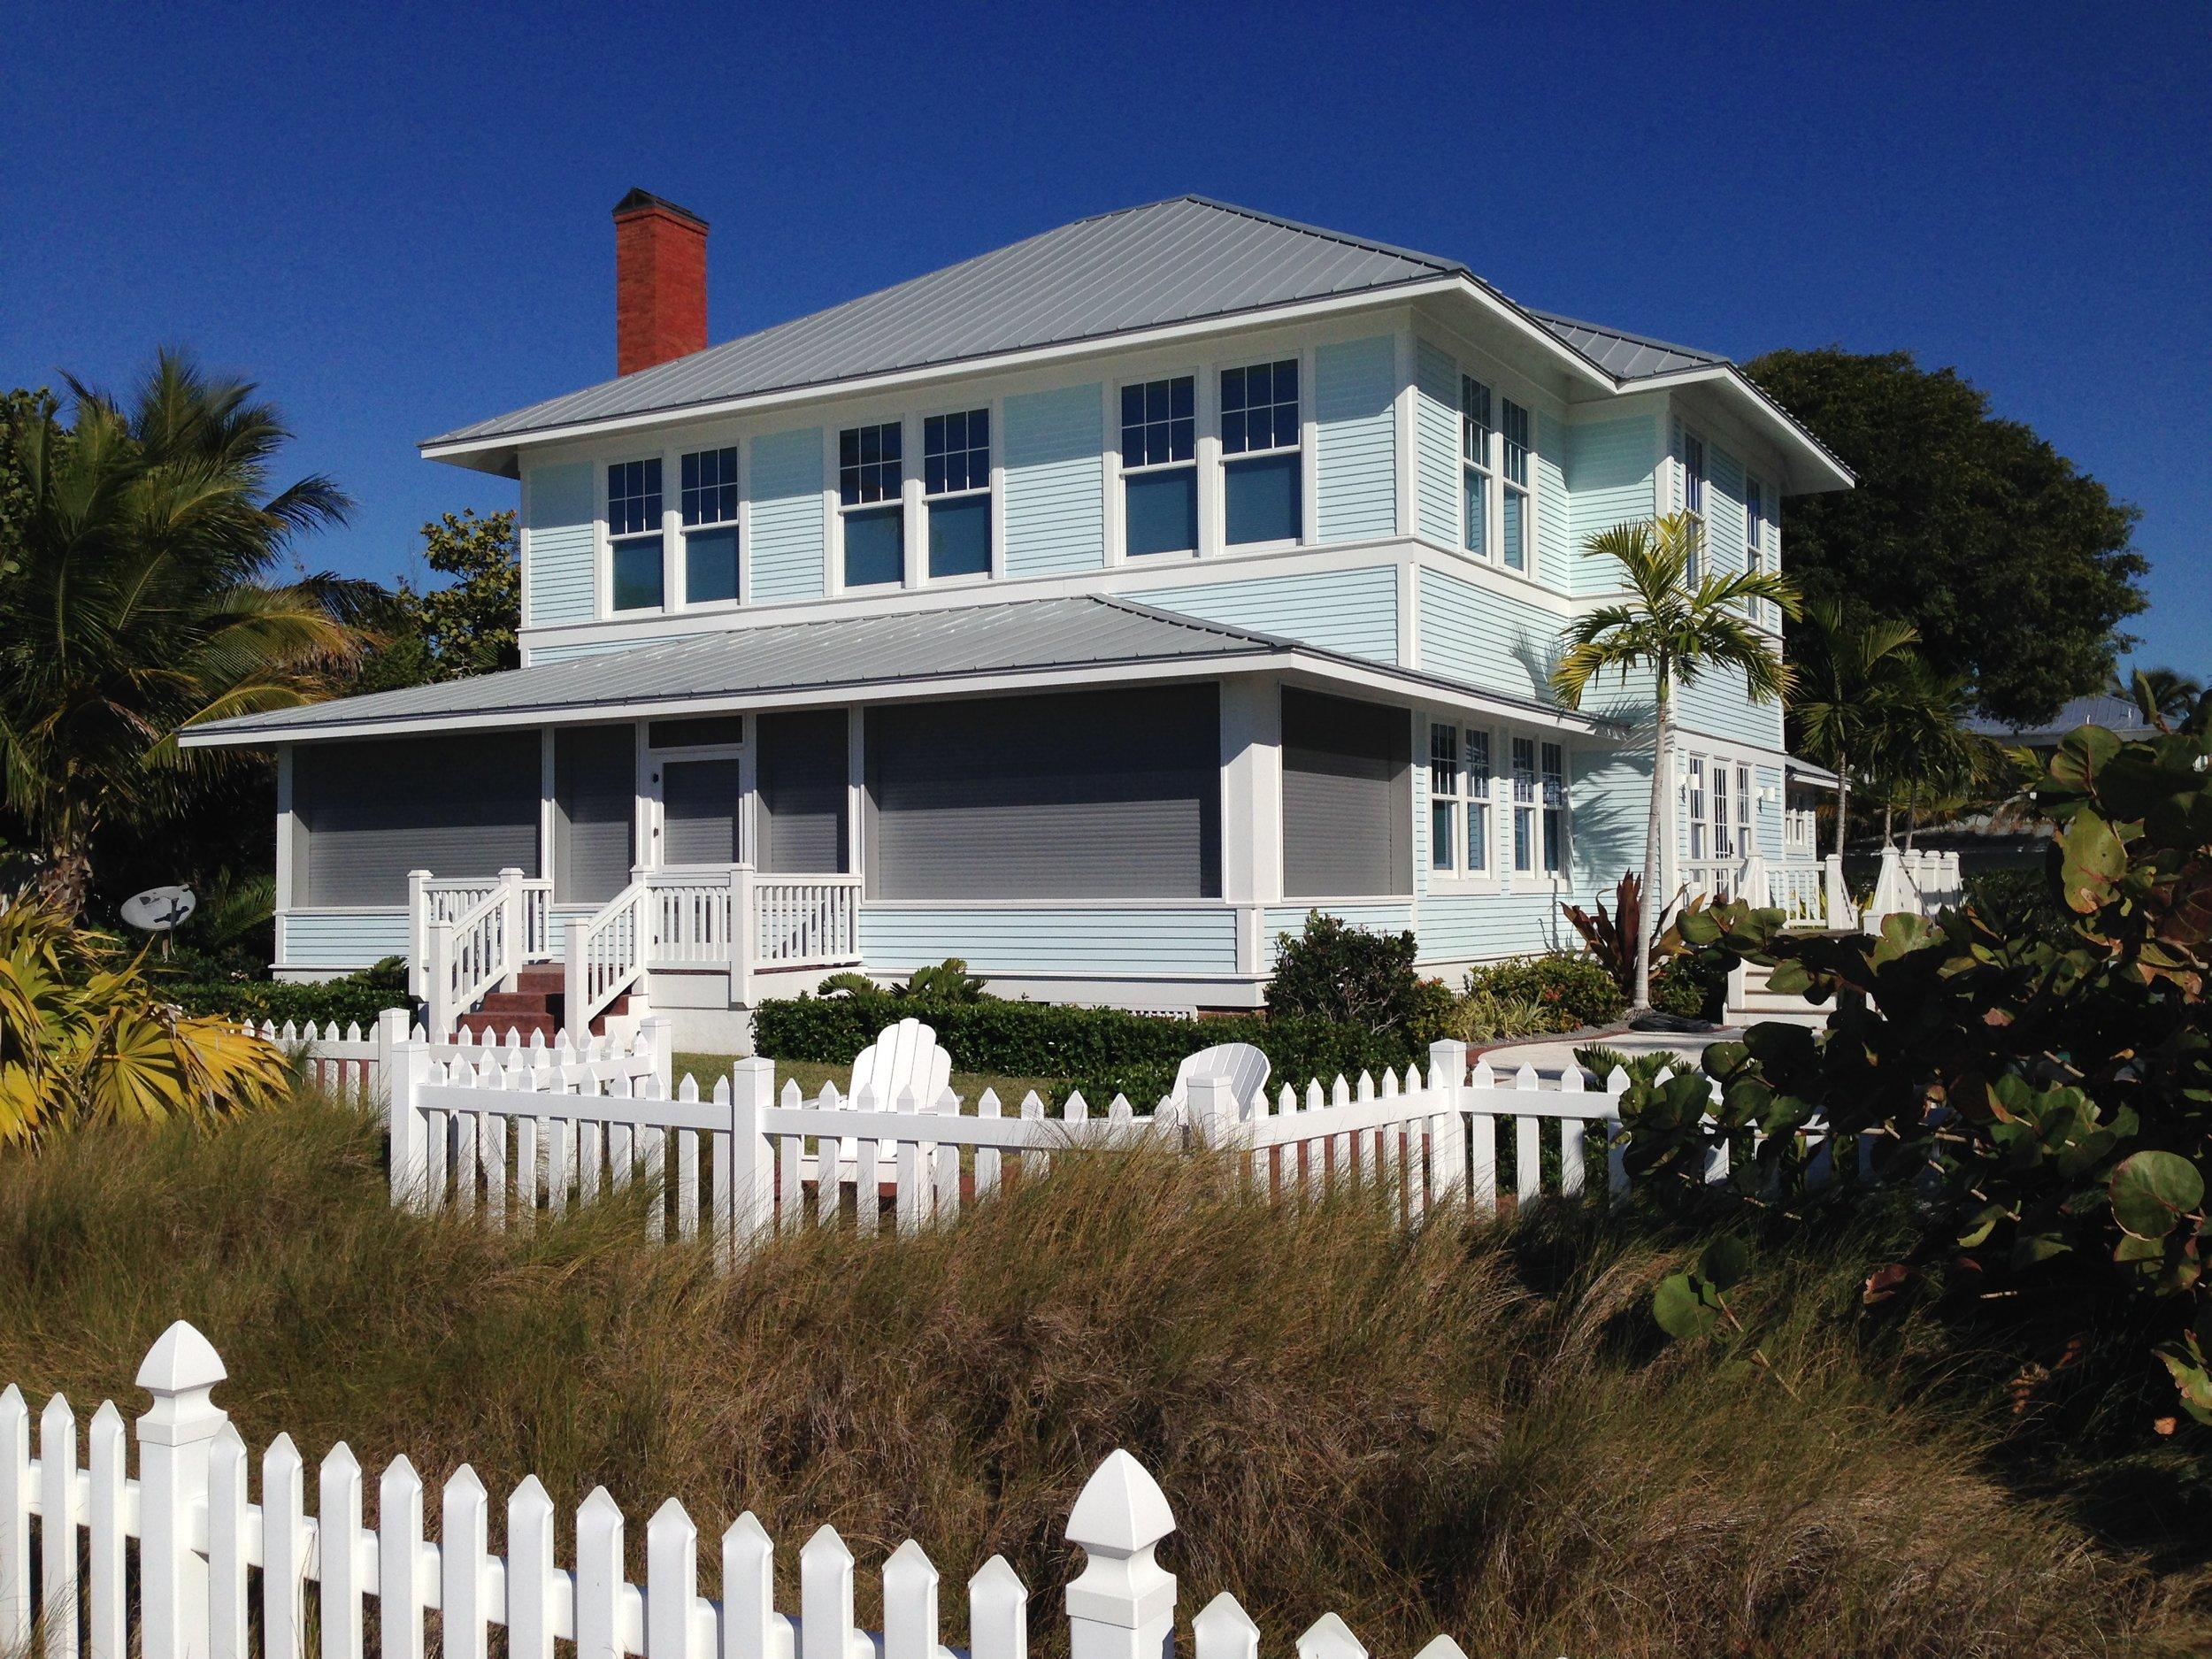 House_in_Boca_Grande,_Florida.JPG